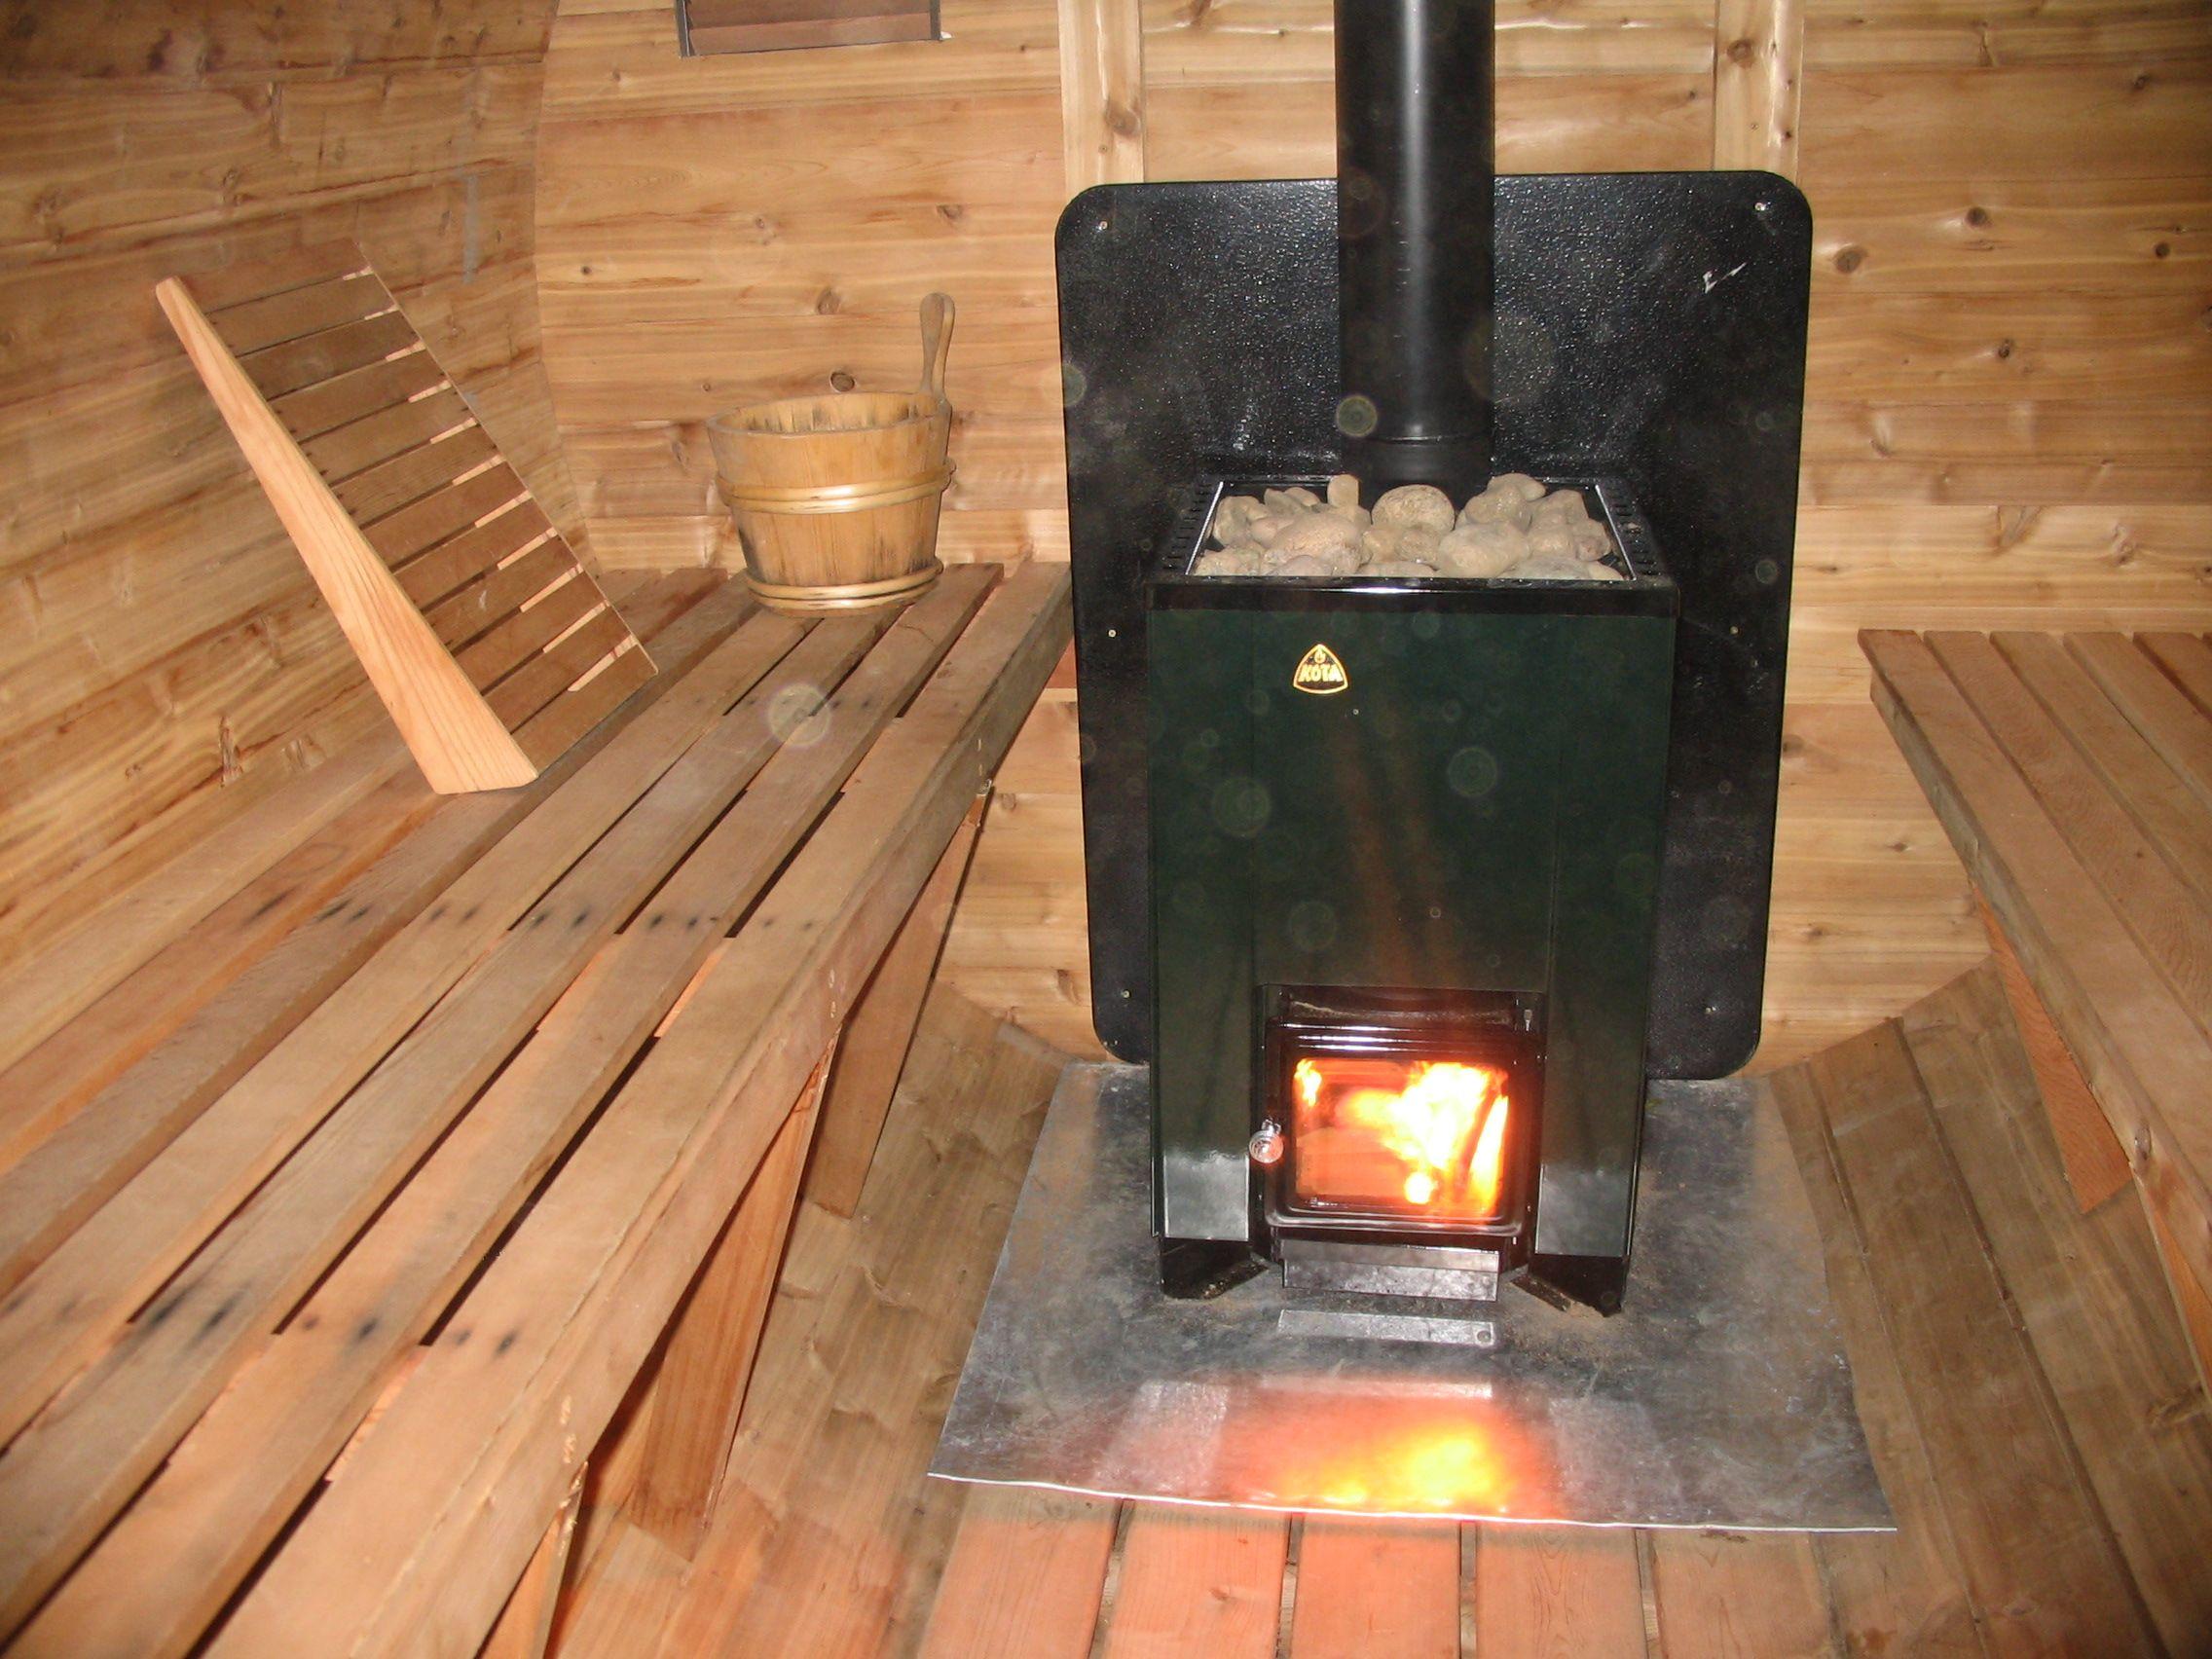 Как правильно установить печь в бане? выбор места, тонкости монтажа печи в деревянном доме